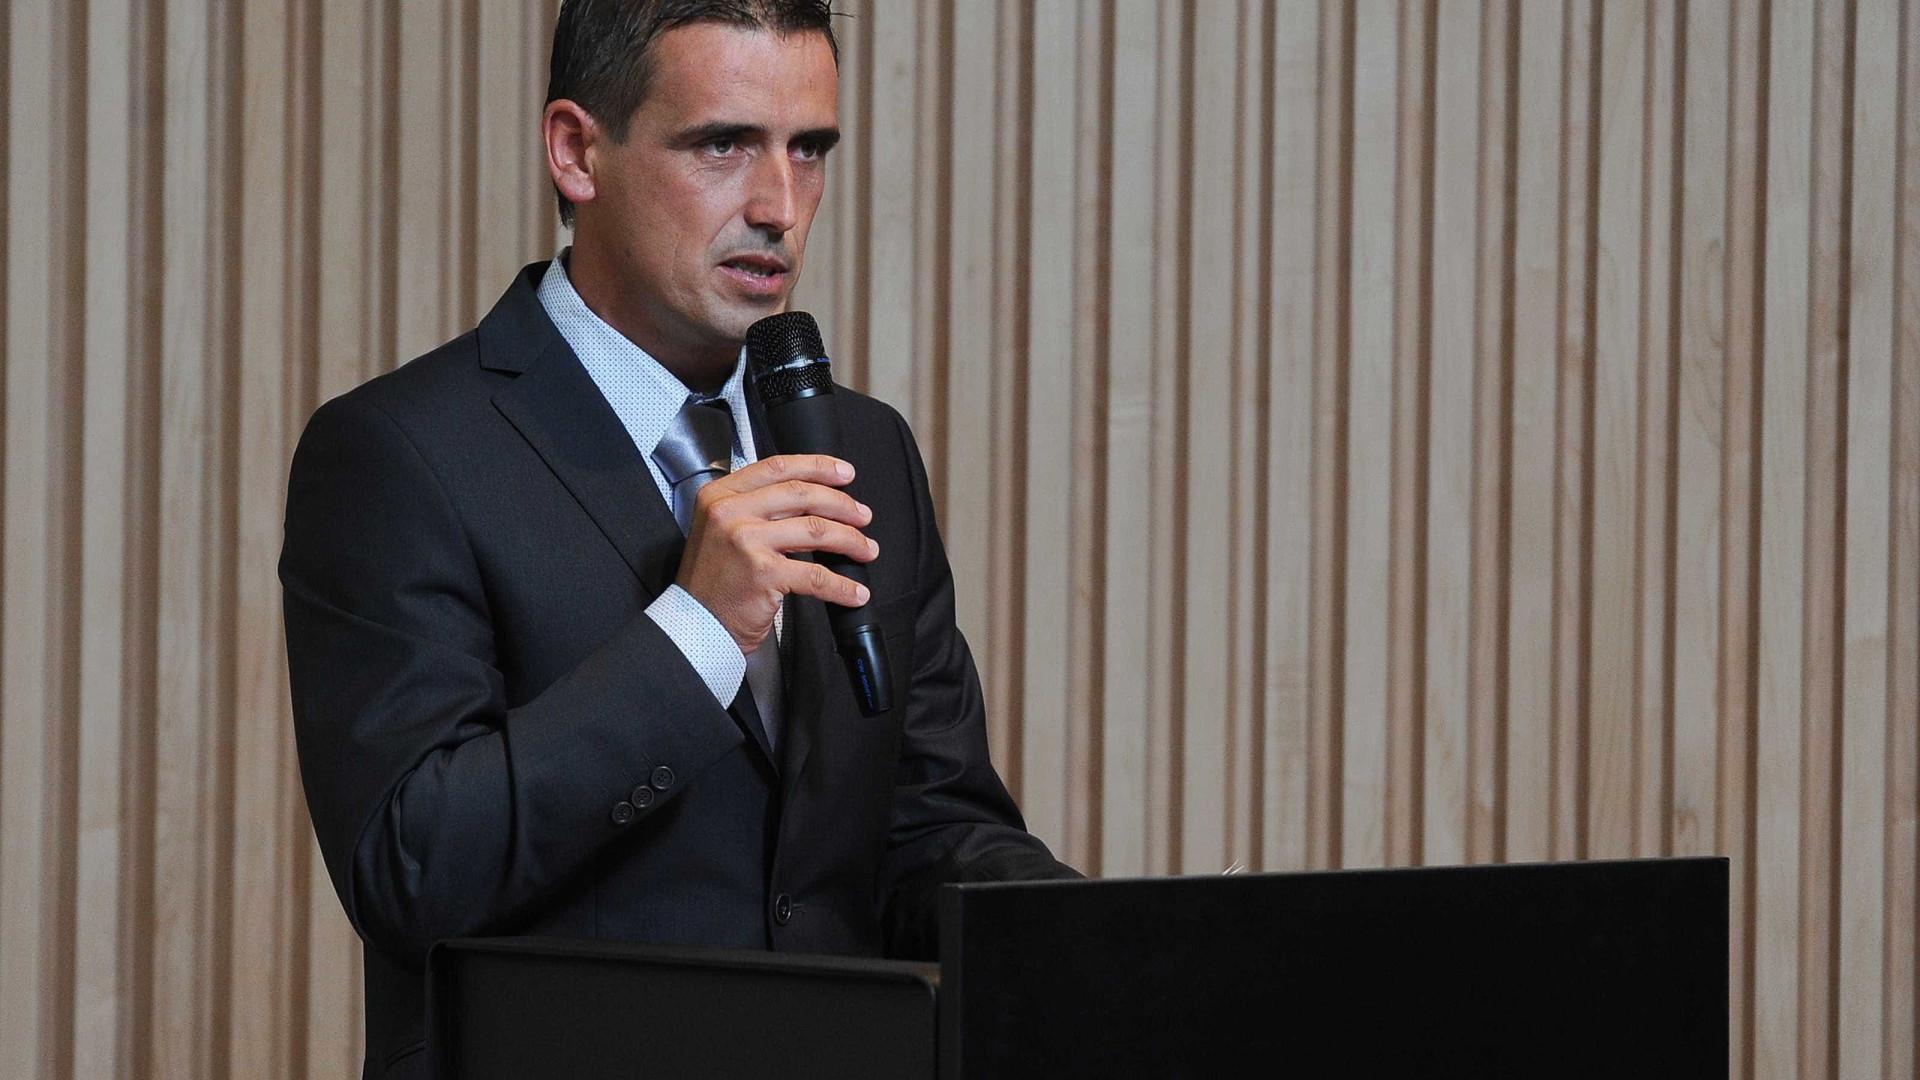 APAF pede condenação de árbitros que possam surgir no caso E-toupeira